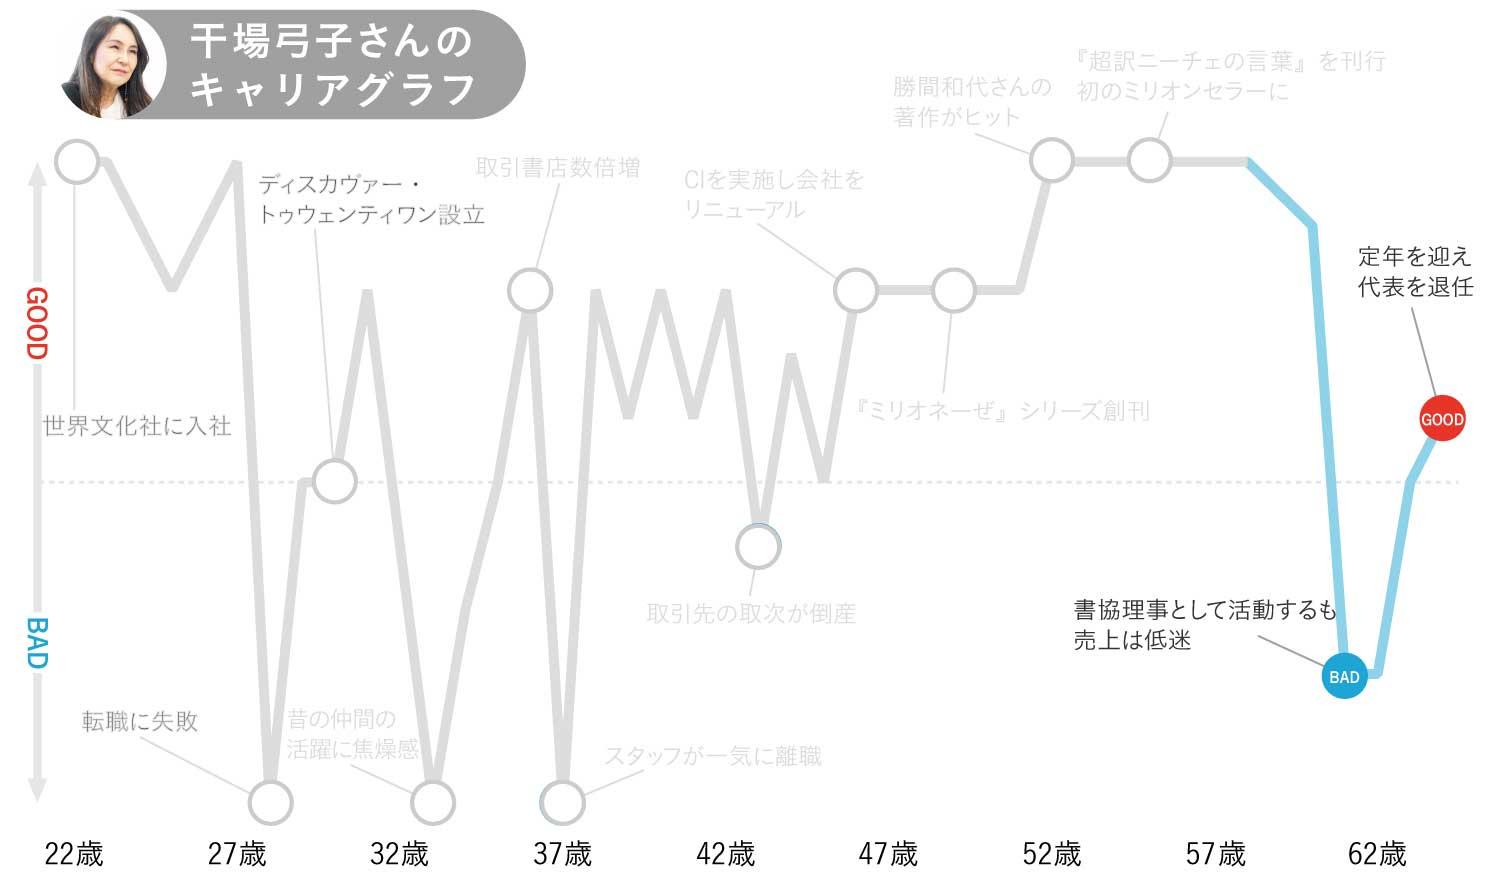 干場弓子さんキャリアグラフ5